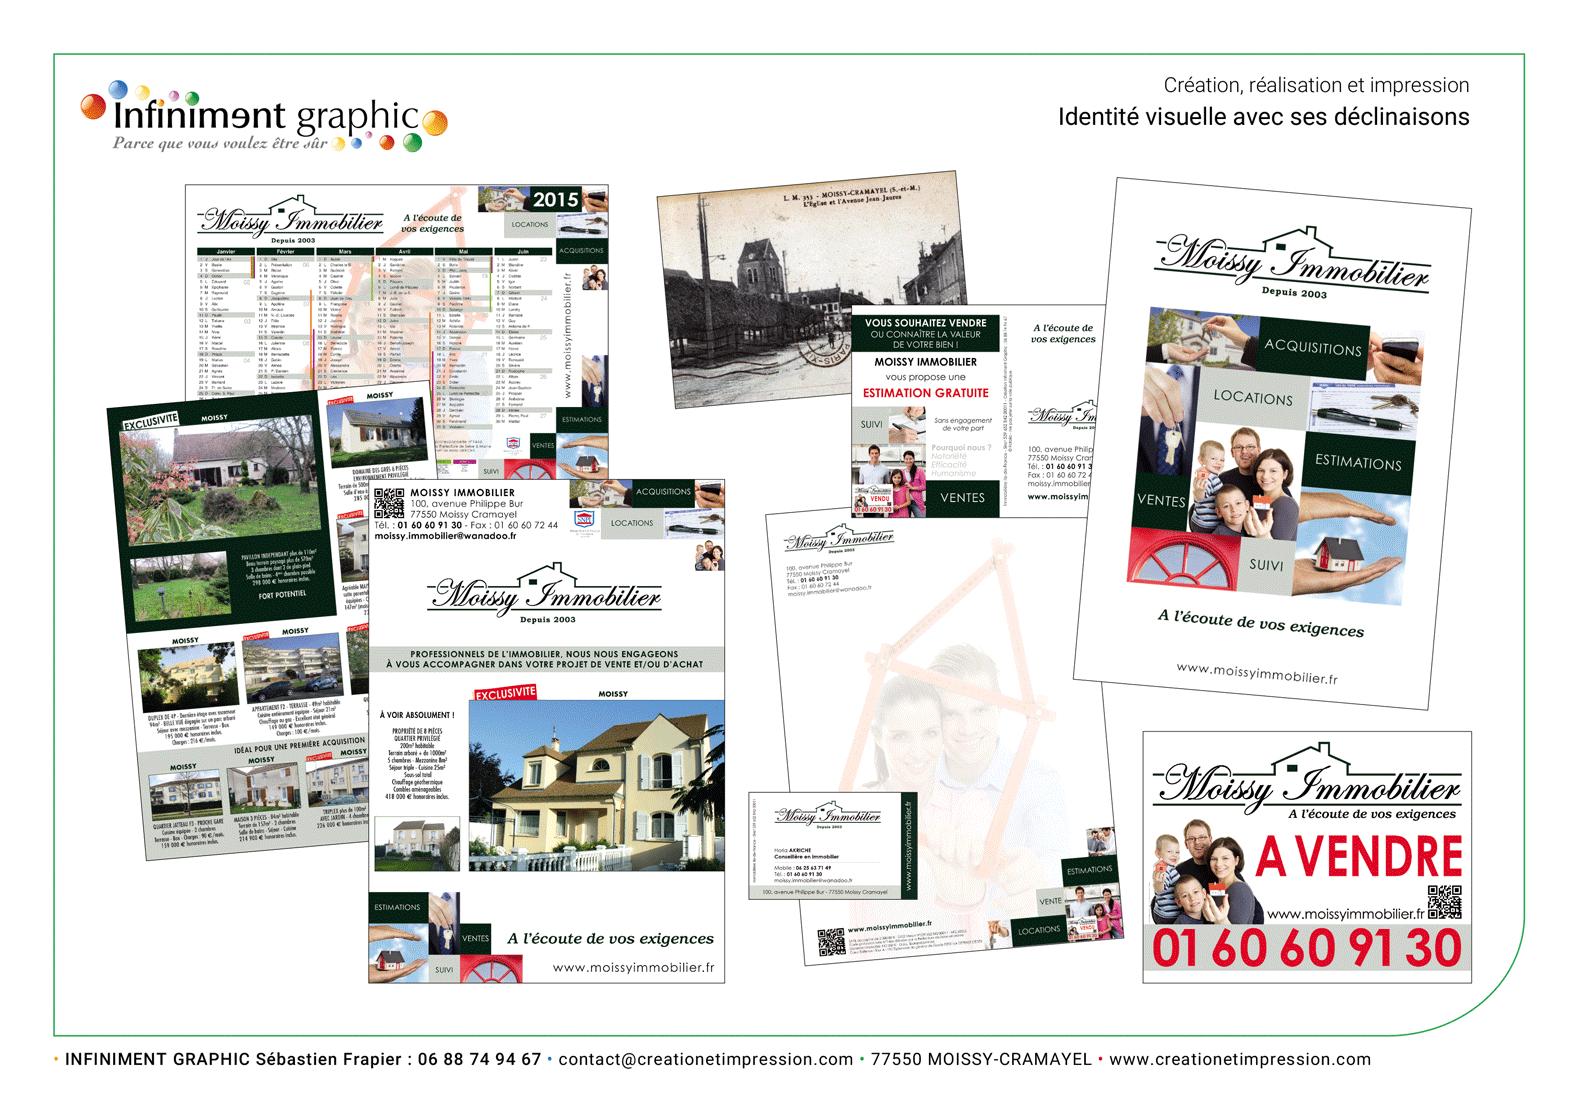 Moissy Immobilier Pochette Brochure TDL CDV Carte postale